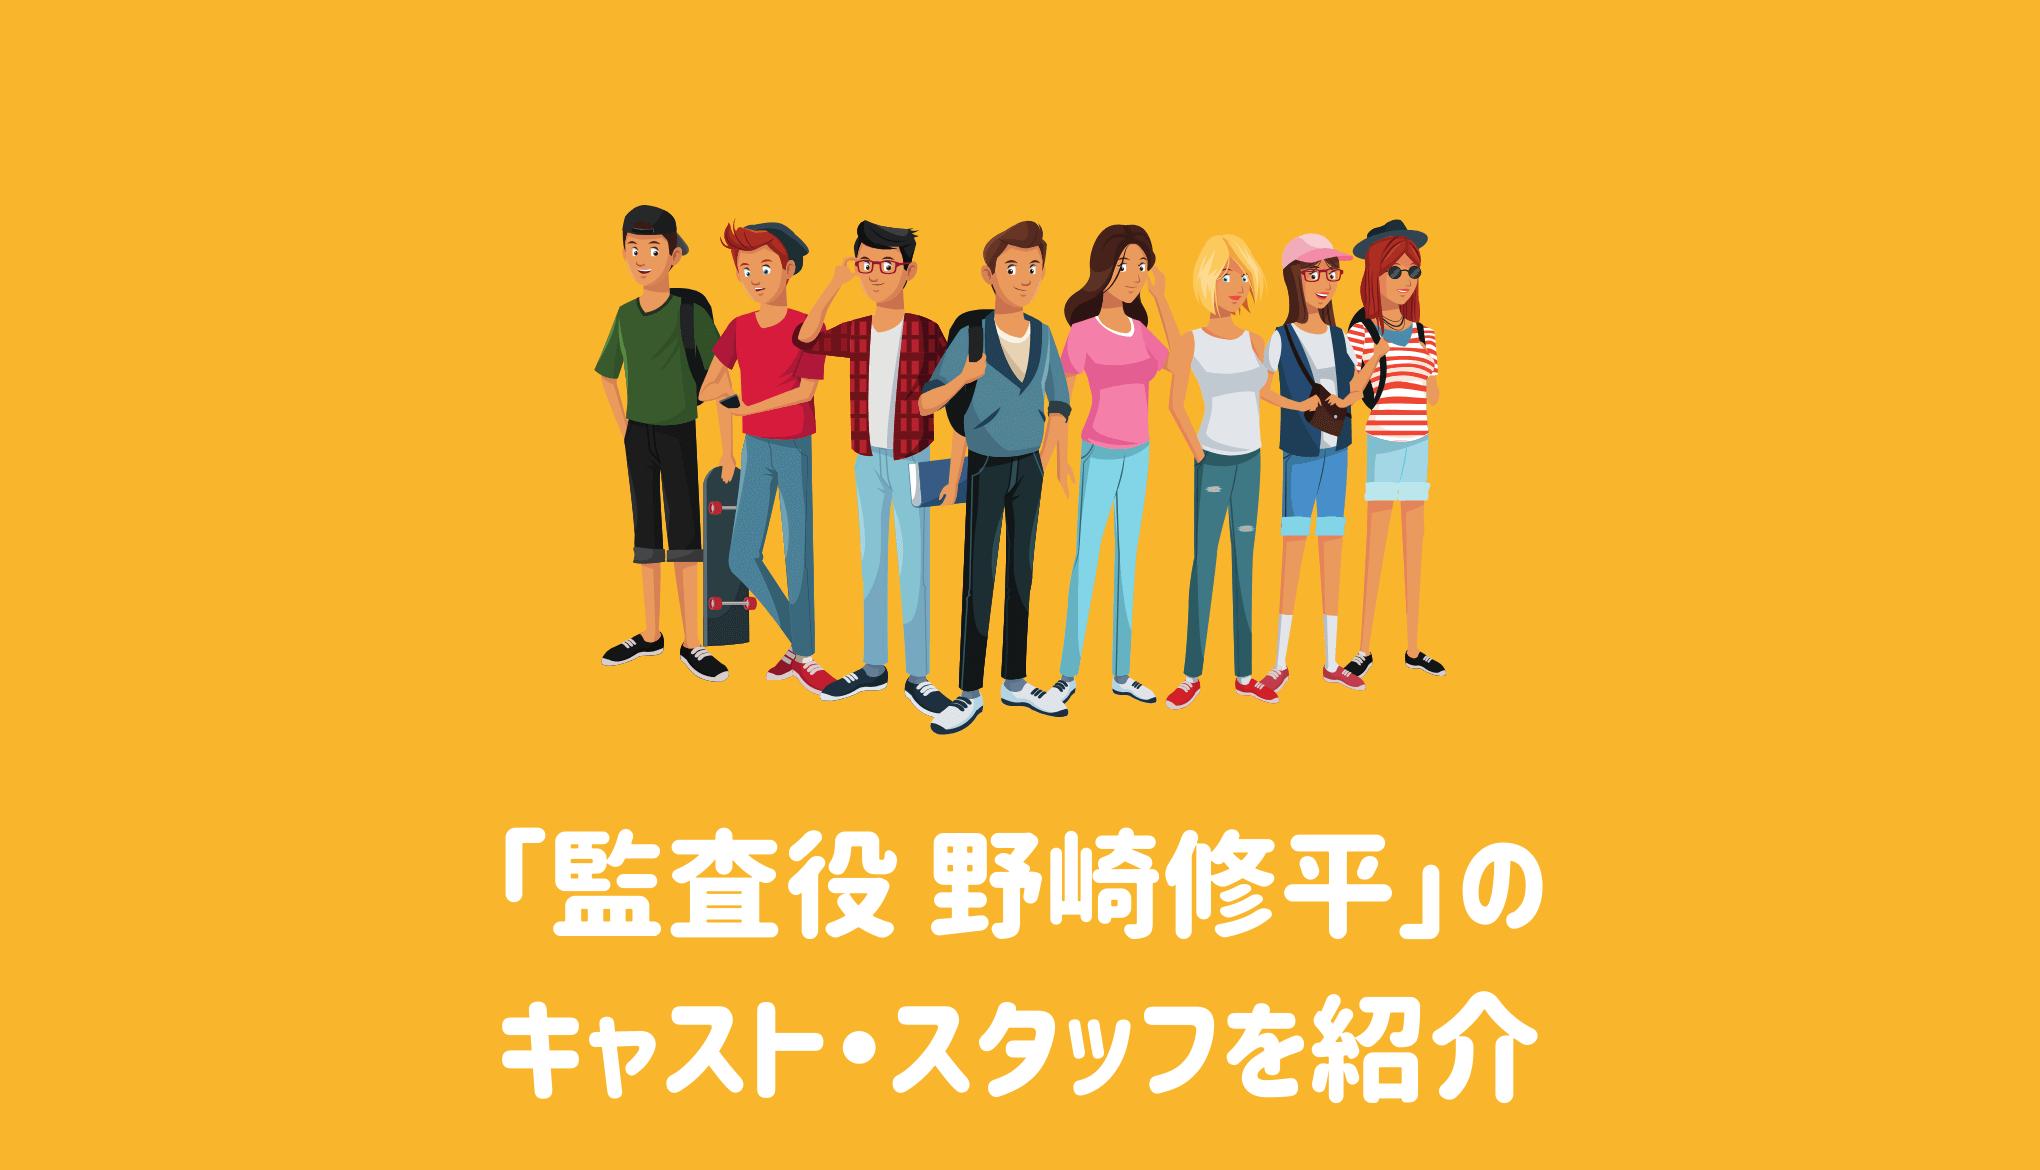 WOWOWオリジナルドラマ「監査役 野崎修平」のキャスト・スタッフ